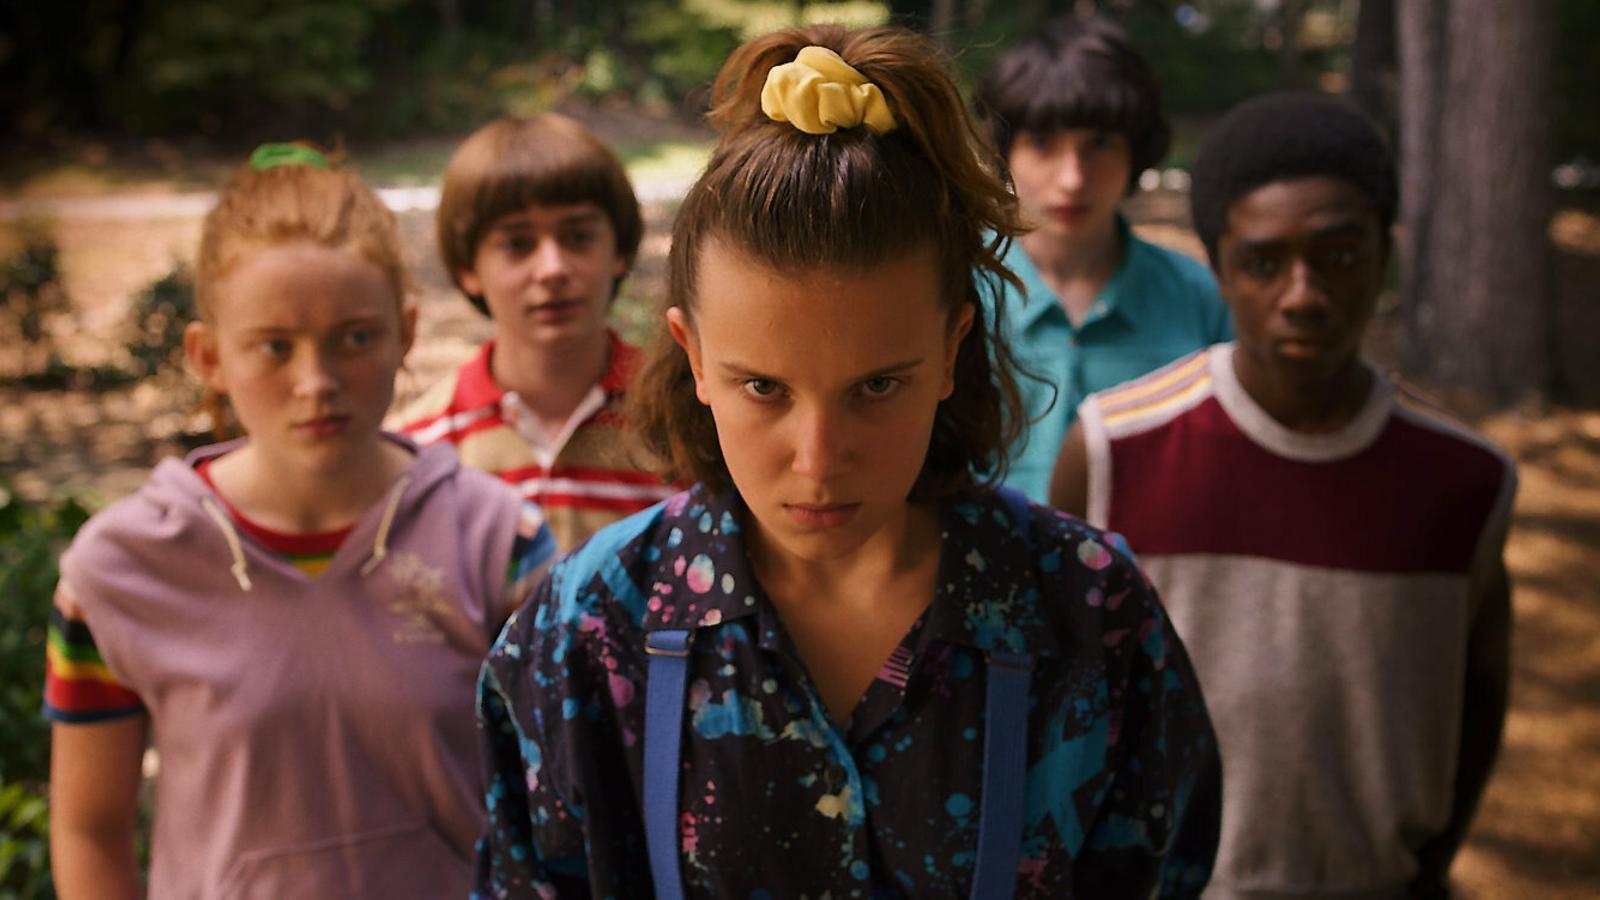 'Stranger things' s'enfronta als misteris de l'adolescència